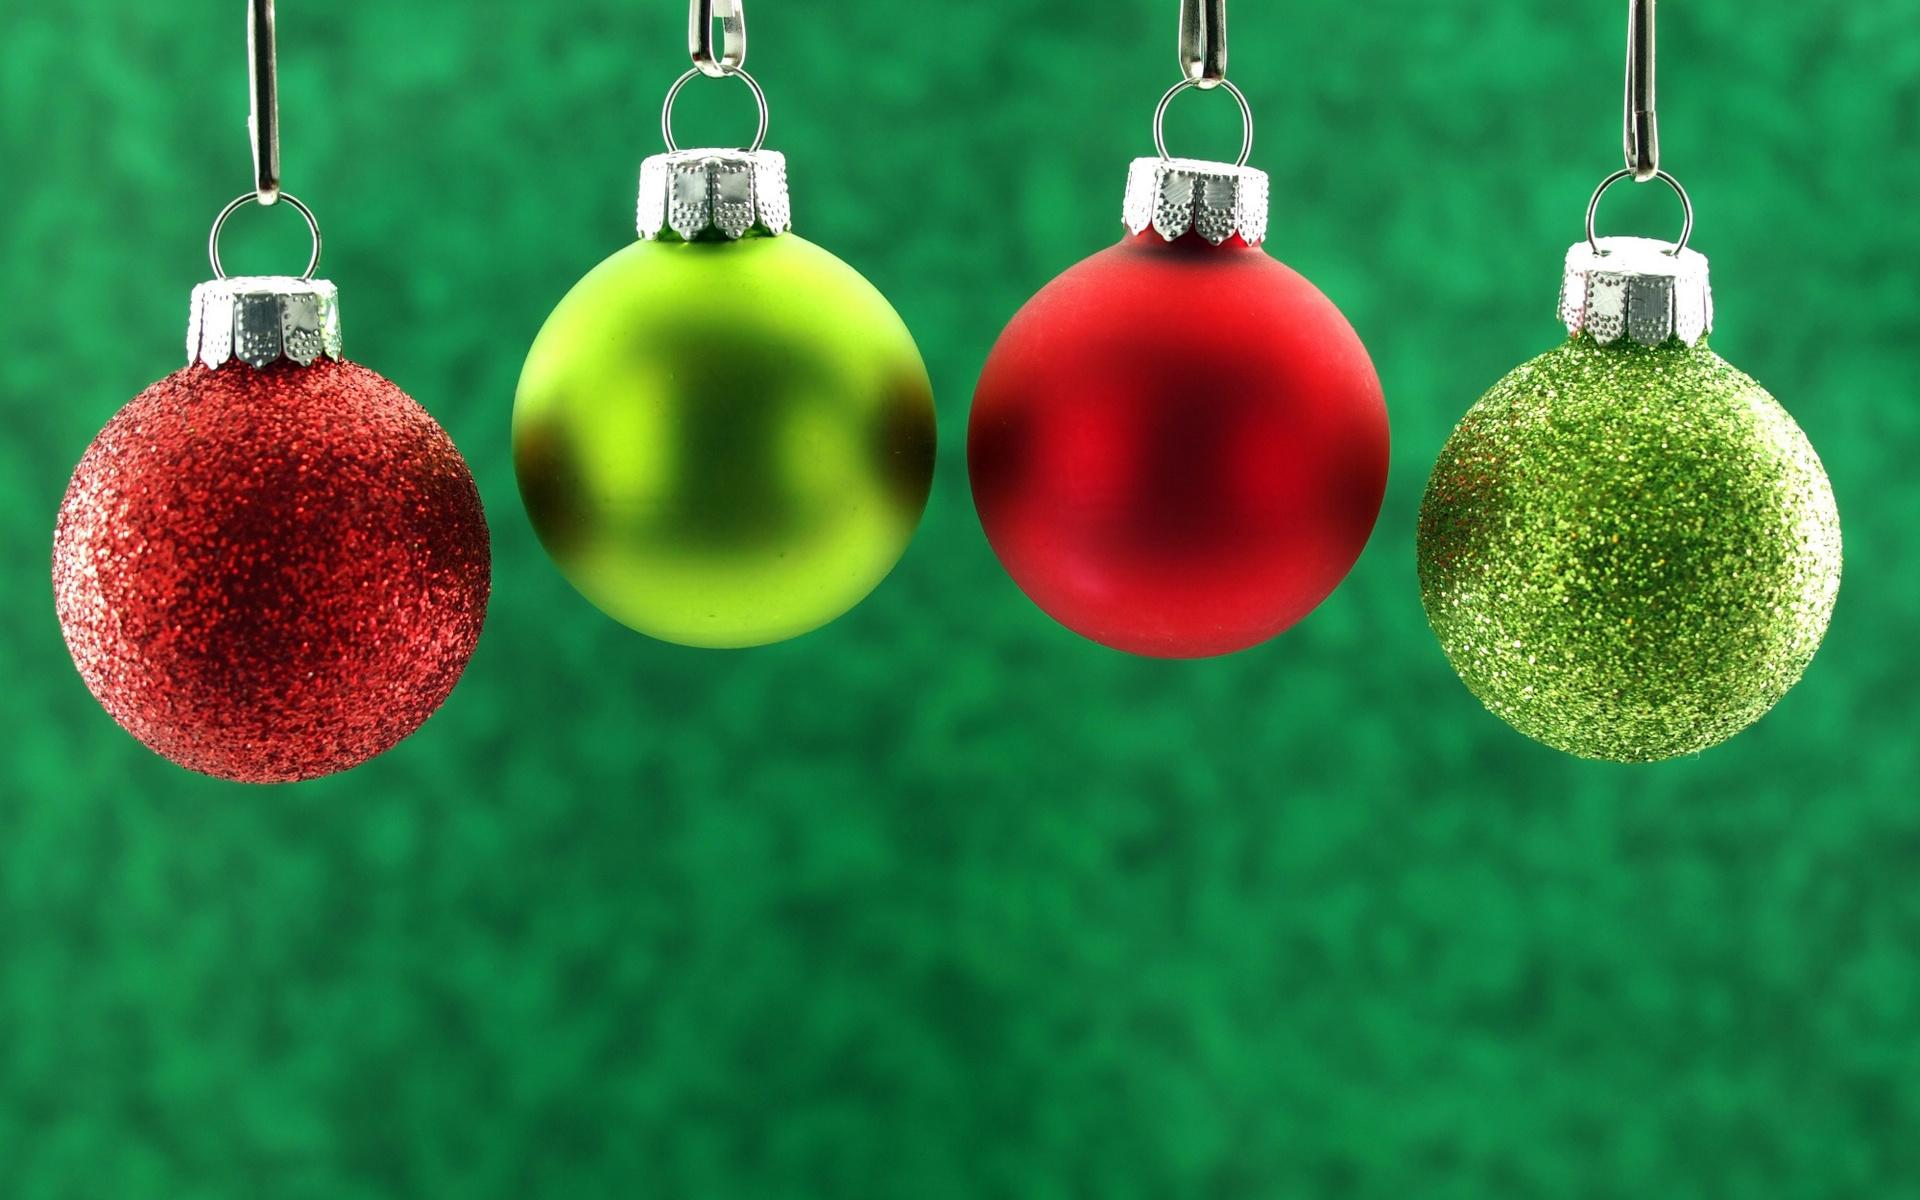 new year, christmas, новый год, рождество, шарики, красные, зеленые, игрушки, елочные, декорации, фон, праздники, зима